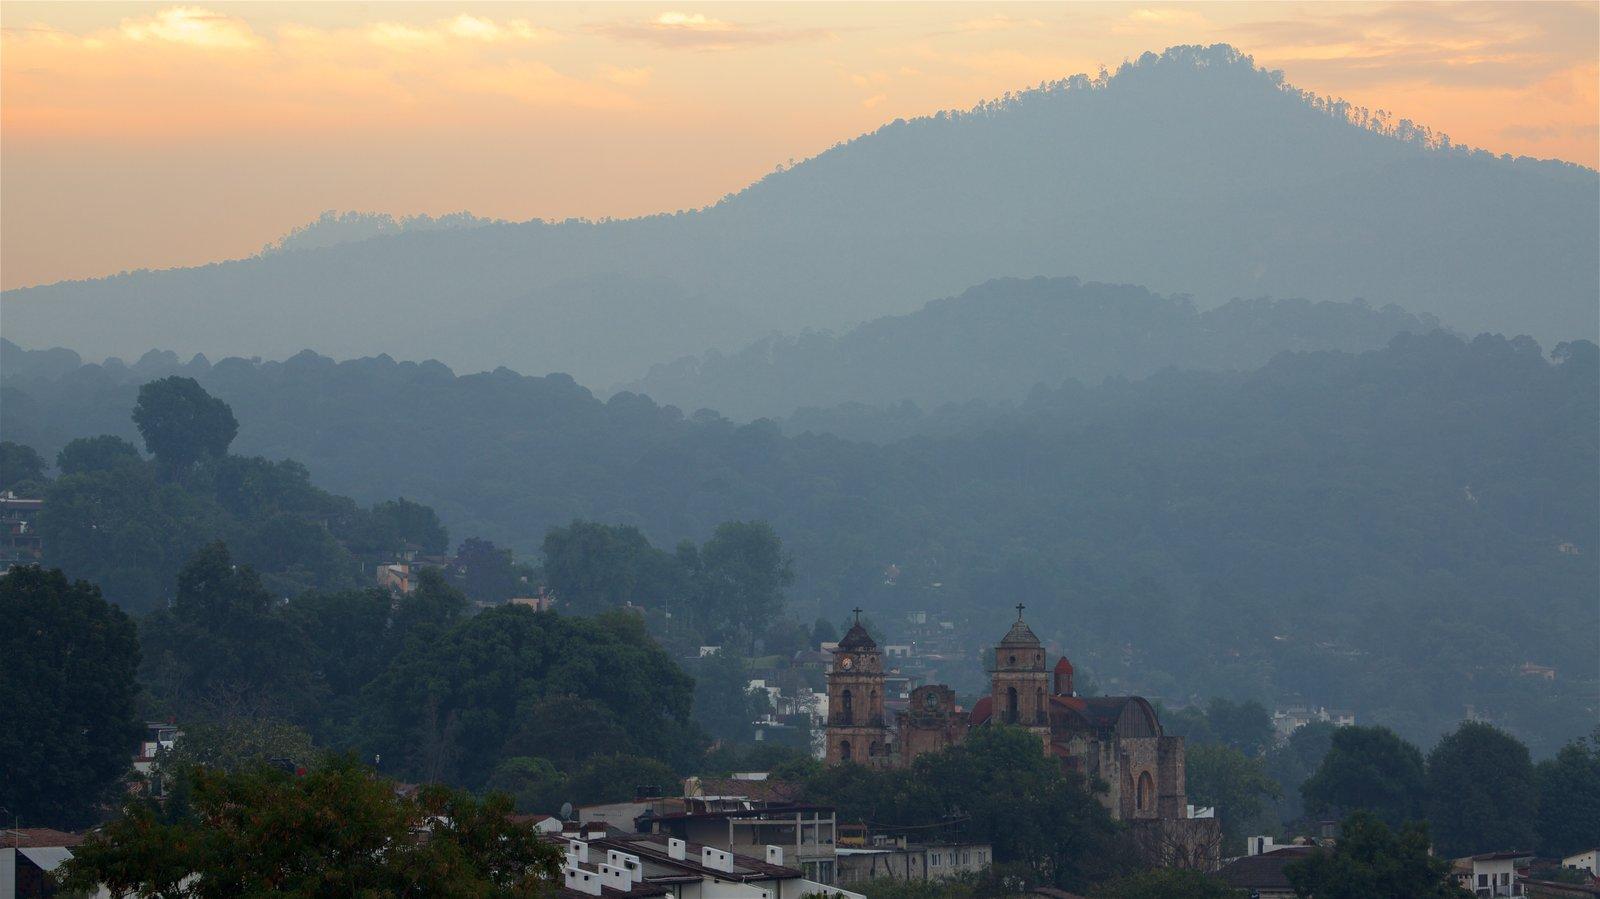 Toluca que incluye escenas tranquilas, vistas de paisajes y patrimonio de arquitectura